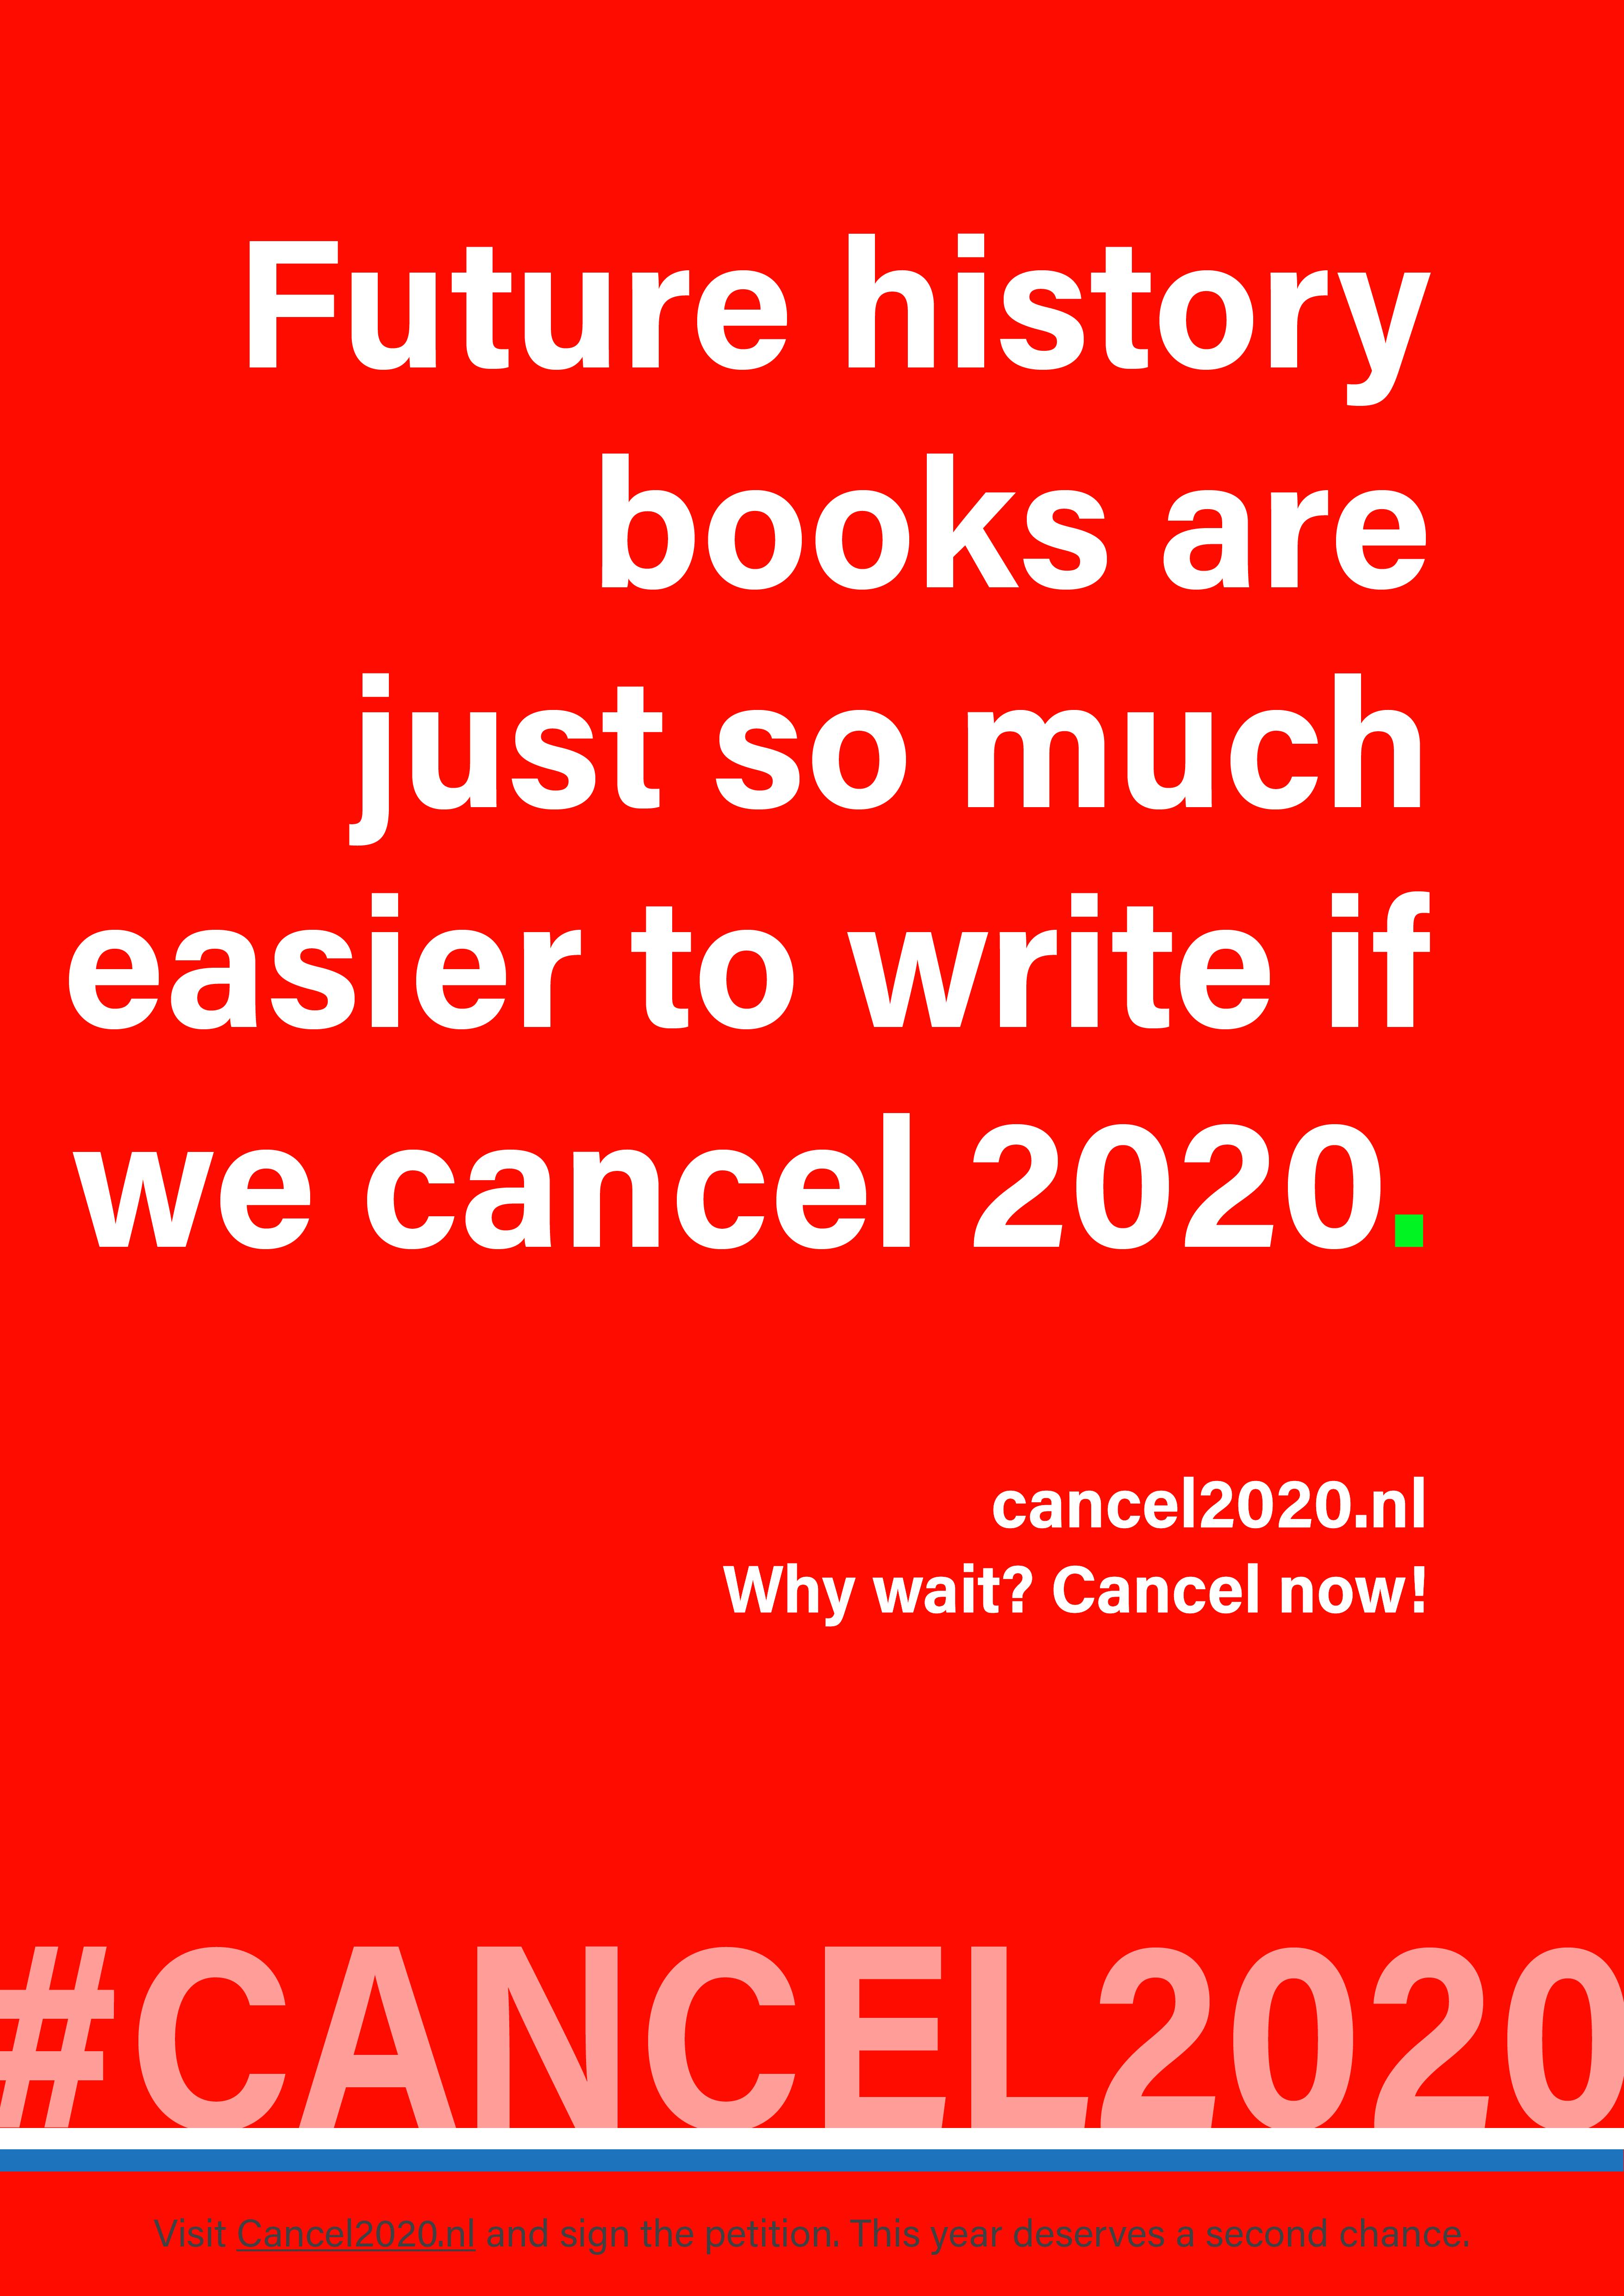 Cancel 2020 quotes-09